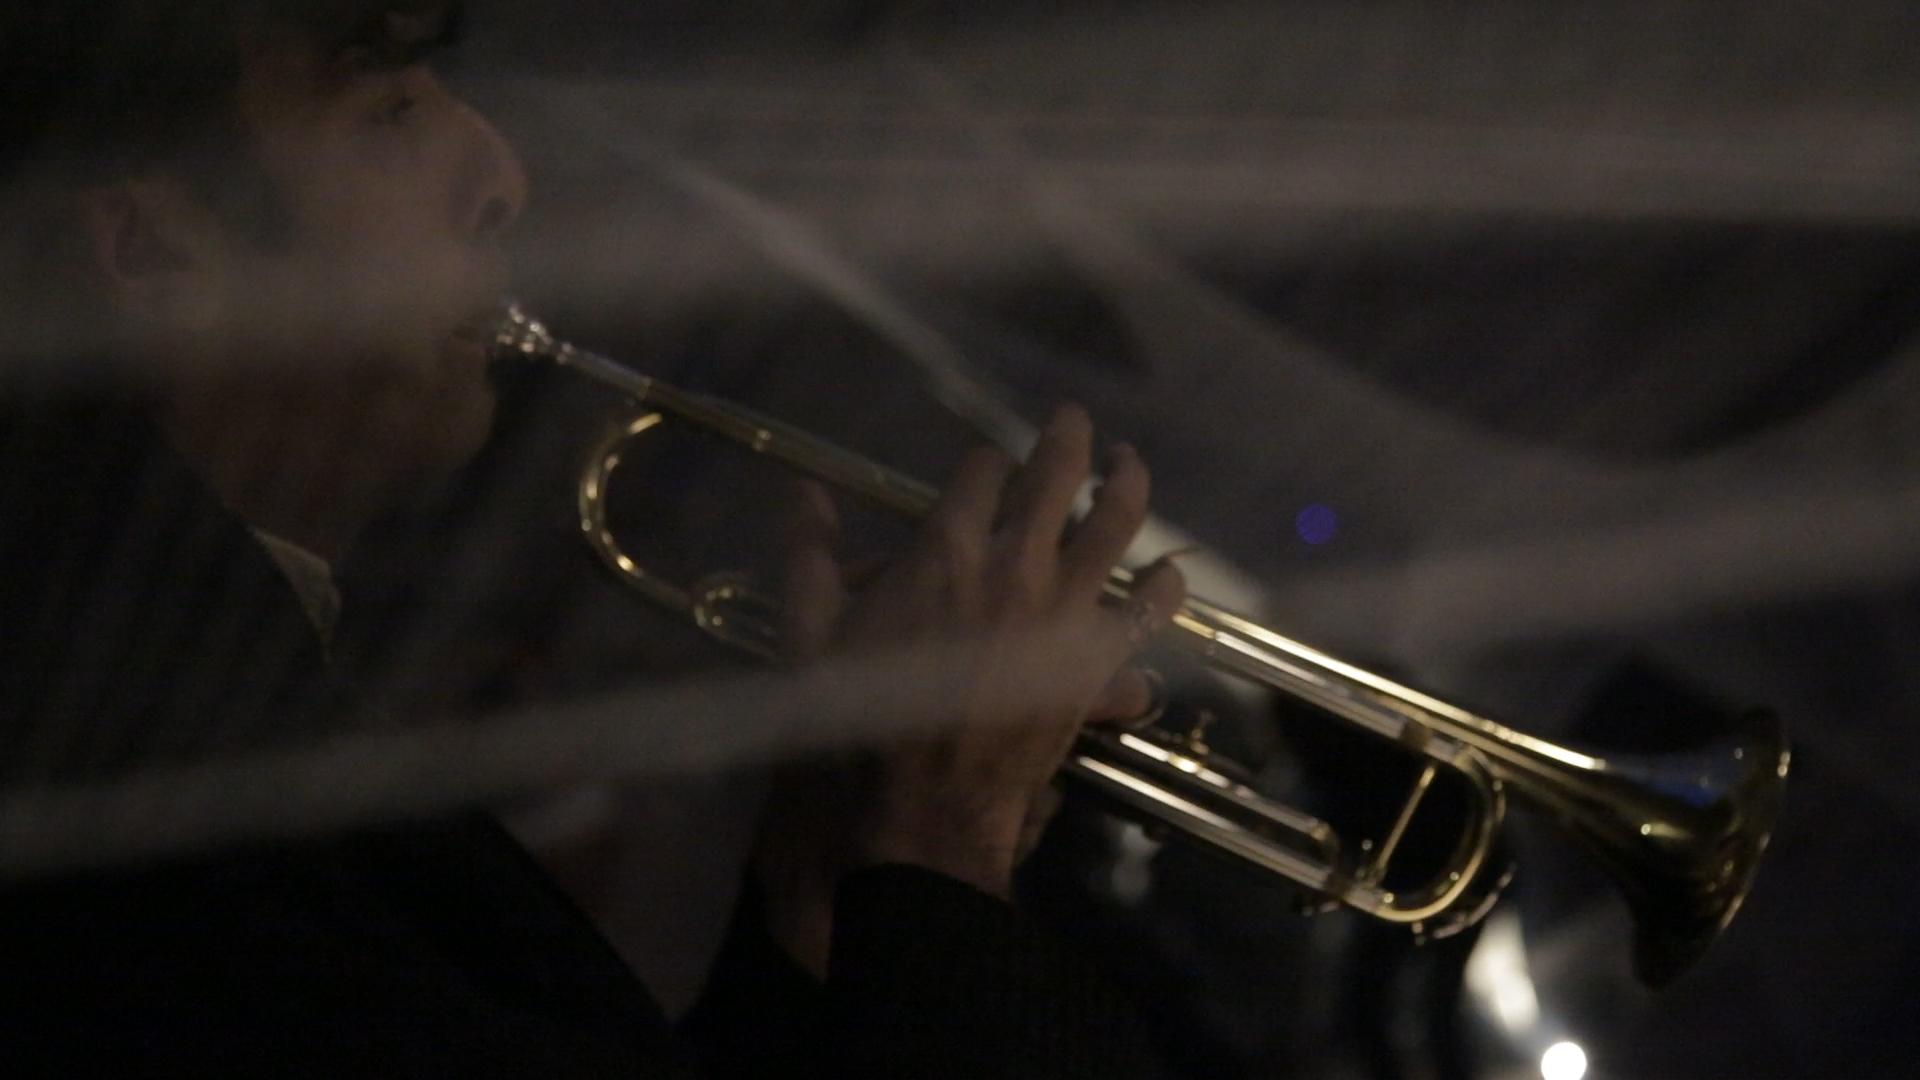 987.Vid - Talon - Still frames - Stefano Croci